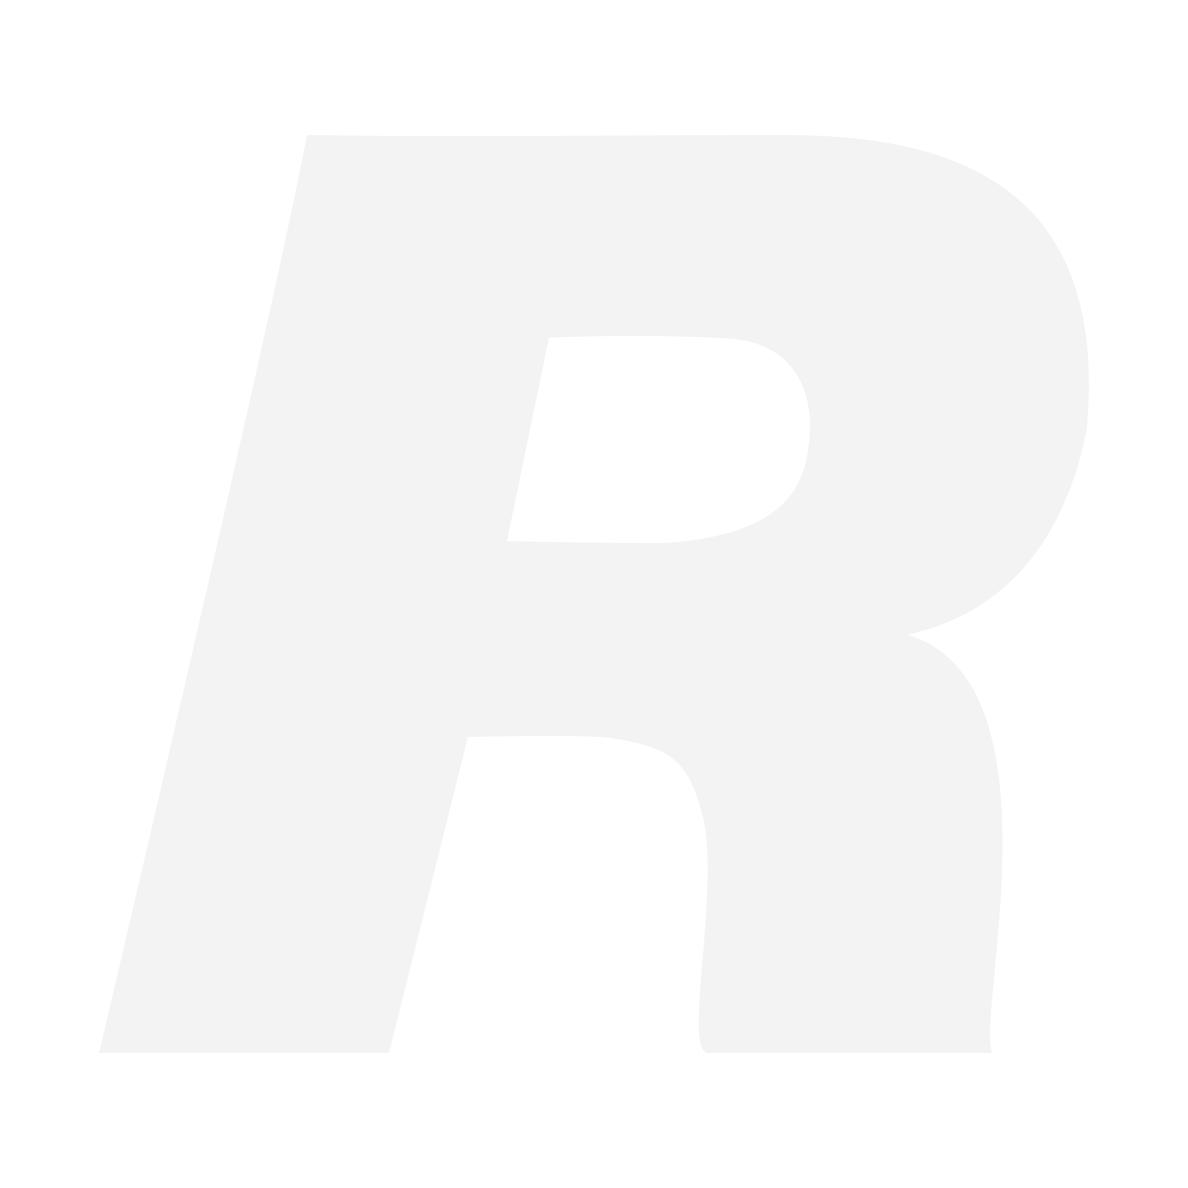 Sony Motljusskydd ALC-SH130 (till 24-70/4 ZA OSS)